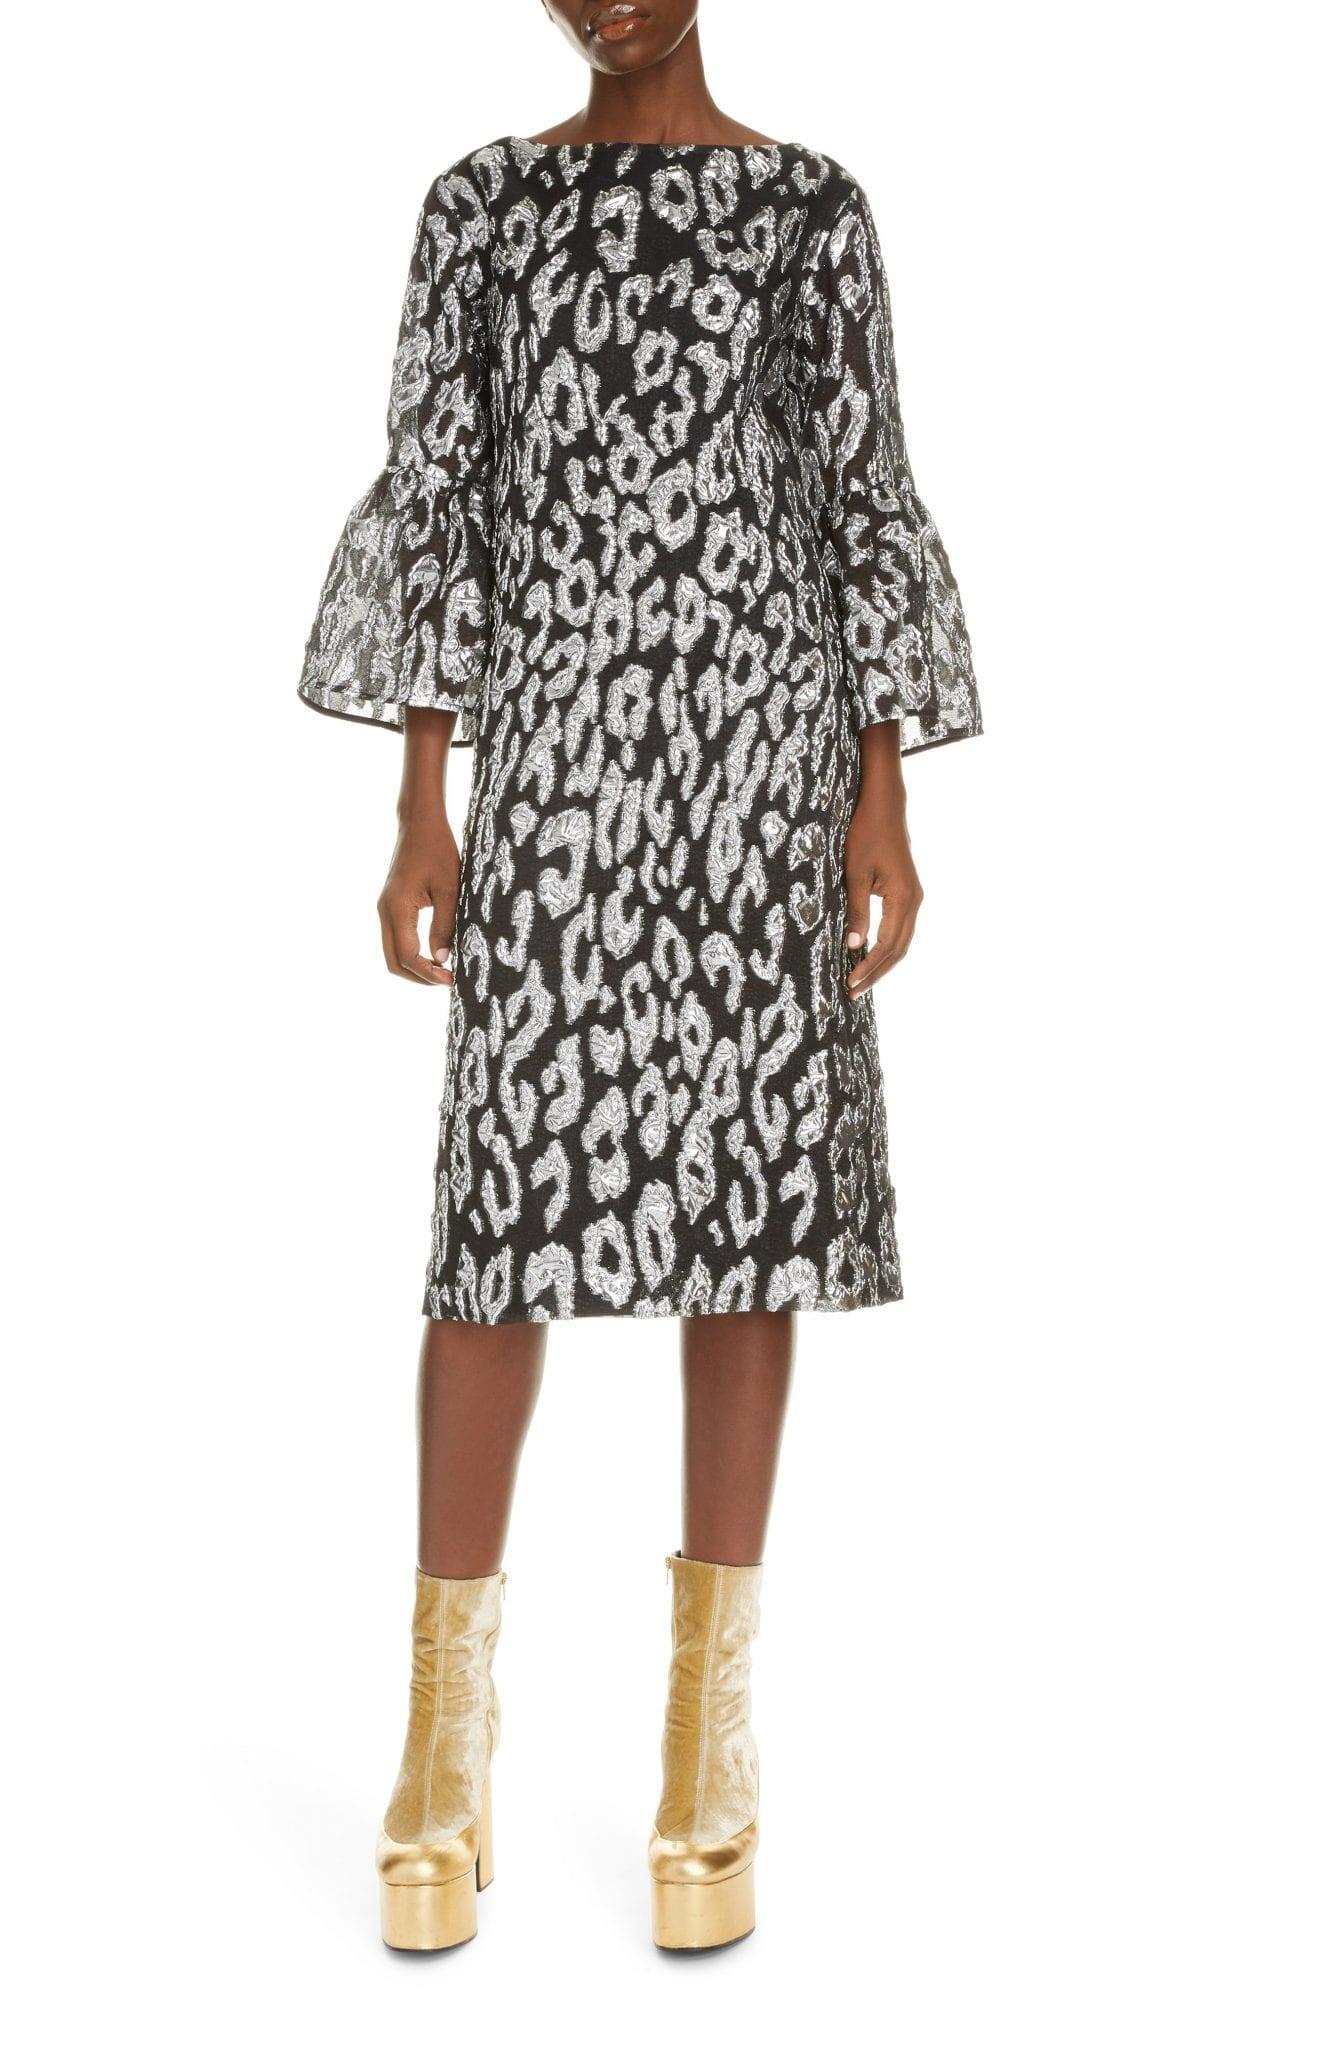 DRIES VAN NOTEN Danz Metallic Leopard Shift Dress